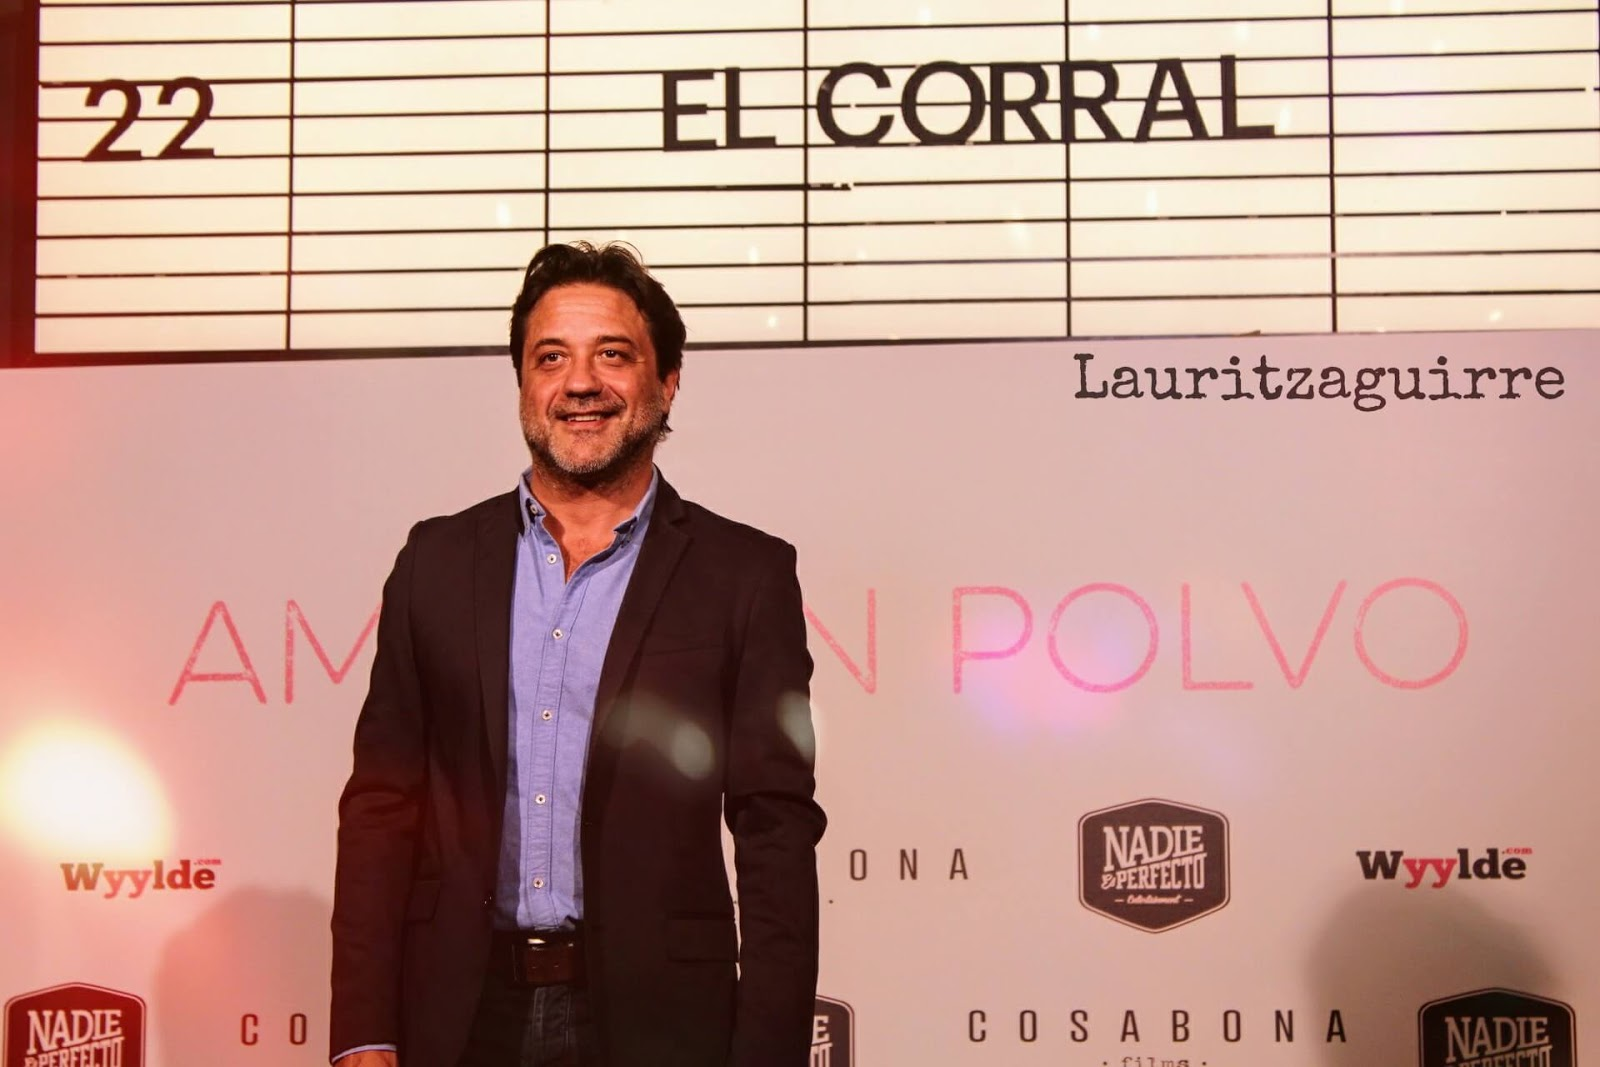 Noticias] Finaliza el rodaje de la película \'Amor en polvo\'   Los ...